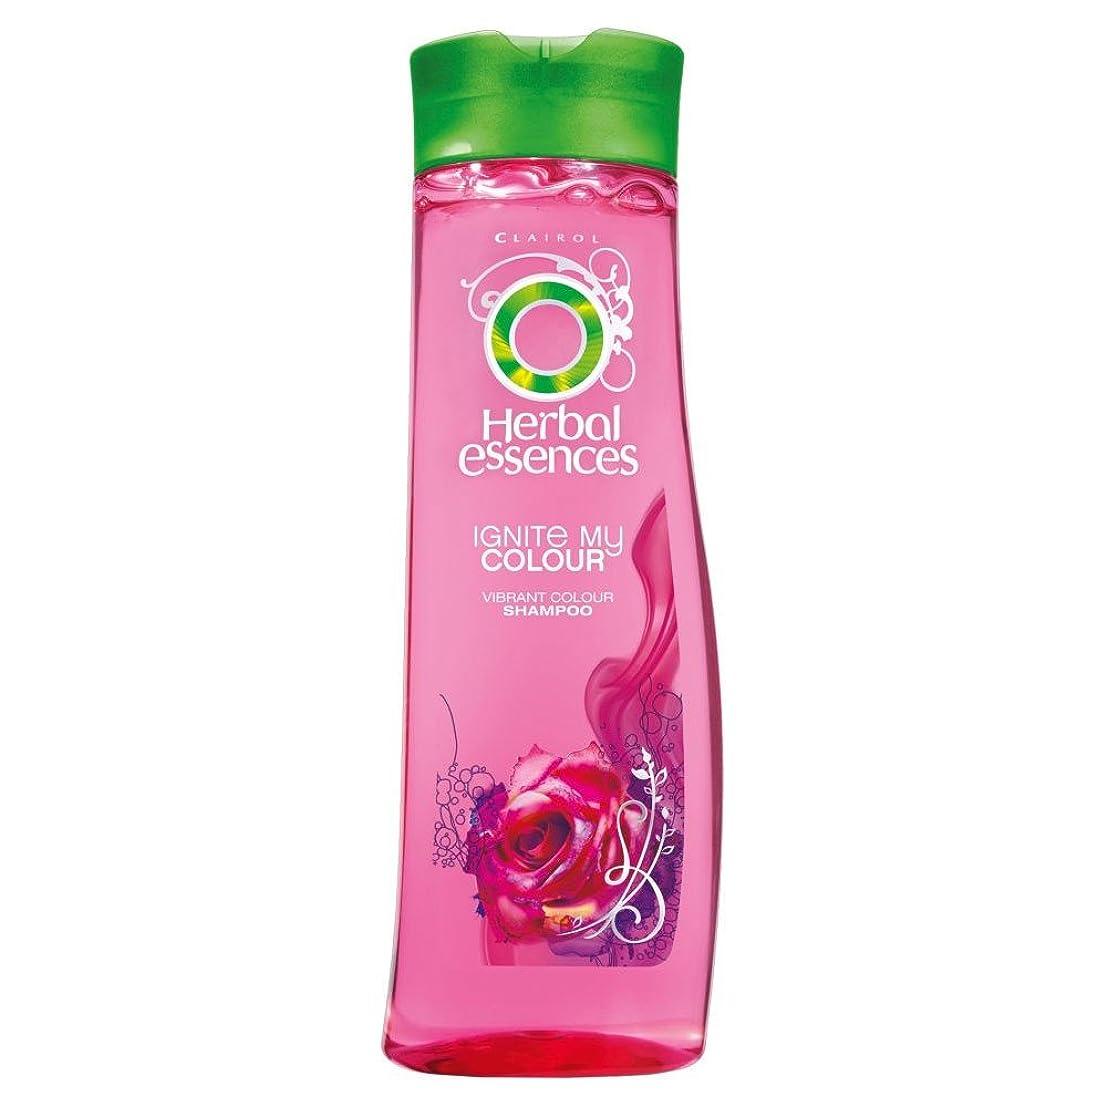 コーデリア寄り添う突然Herbal Essences Ignite My Colour Acai Berry & Silk Extracts Shampoo (400ml) ハーバルエッセンスは、私のカラーアサイベリーとシルクエキスシャンプー( 400ミリリットル)を点火する [並行輸入品]